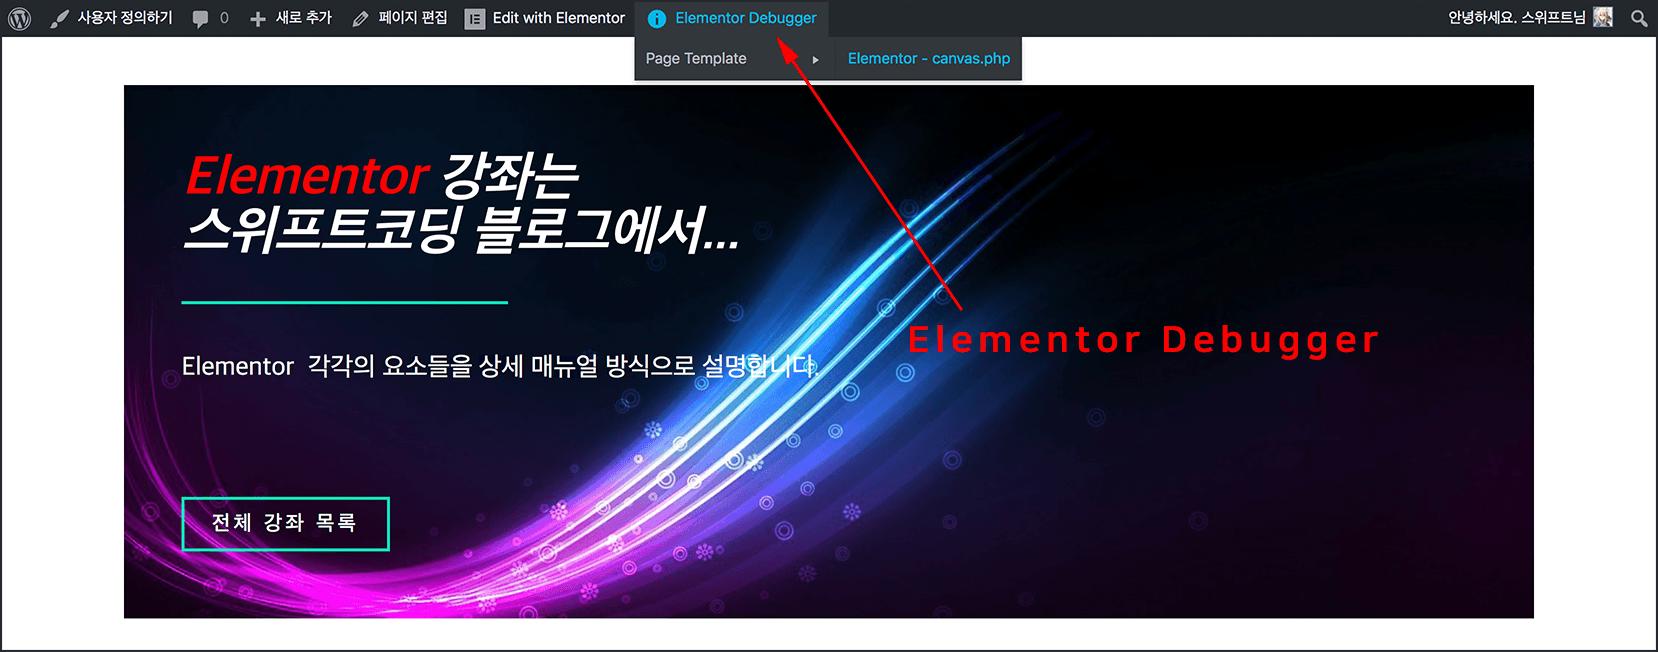 관리자 막대메뉴에 Elementor Debugger 라는 메뉴가 있다